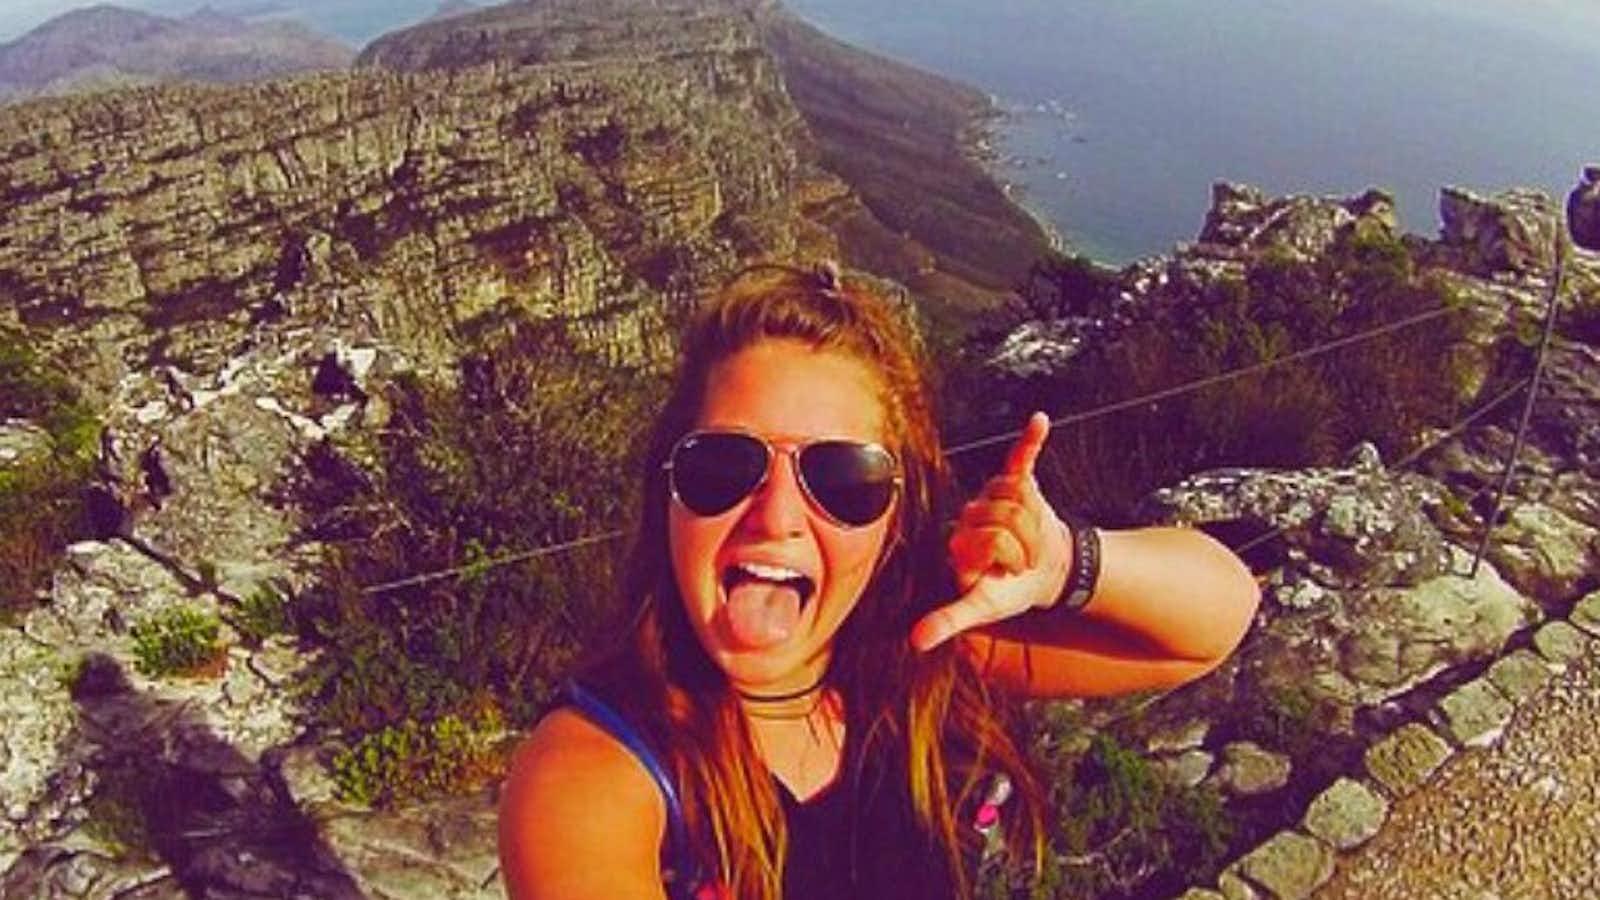 Julianna conquers Table Mountain